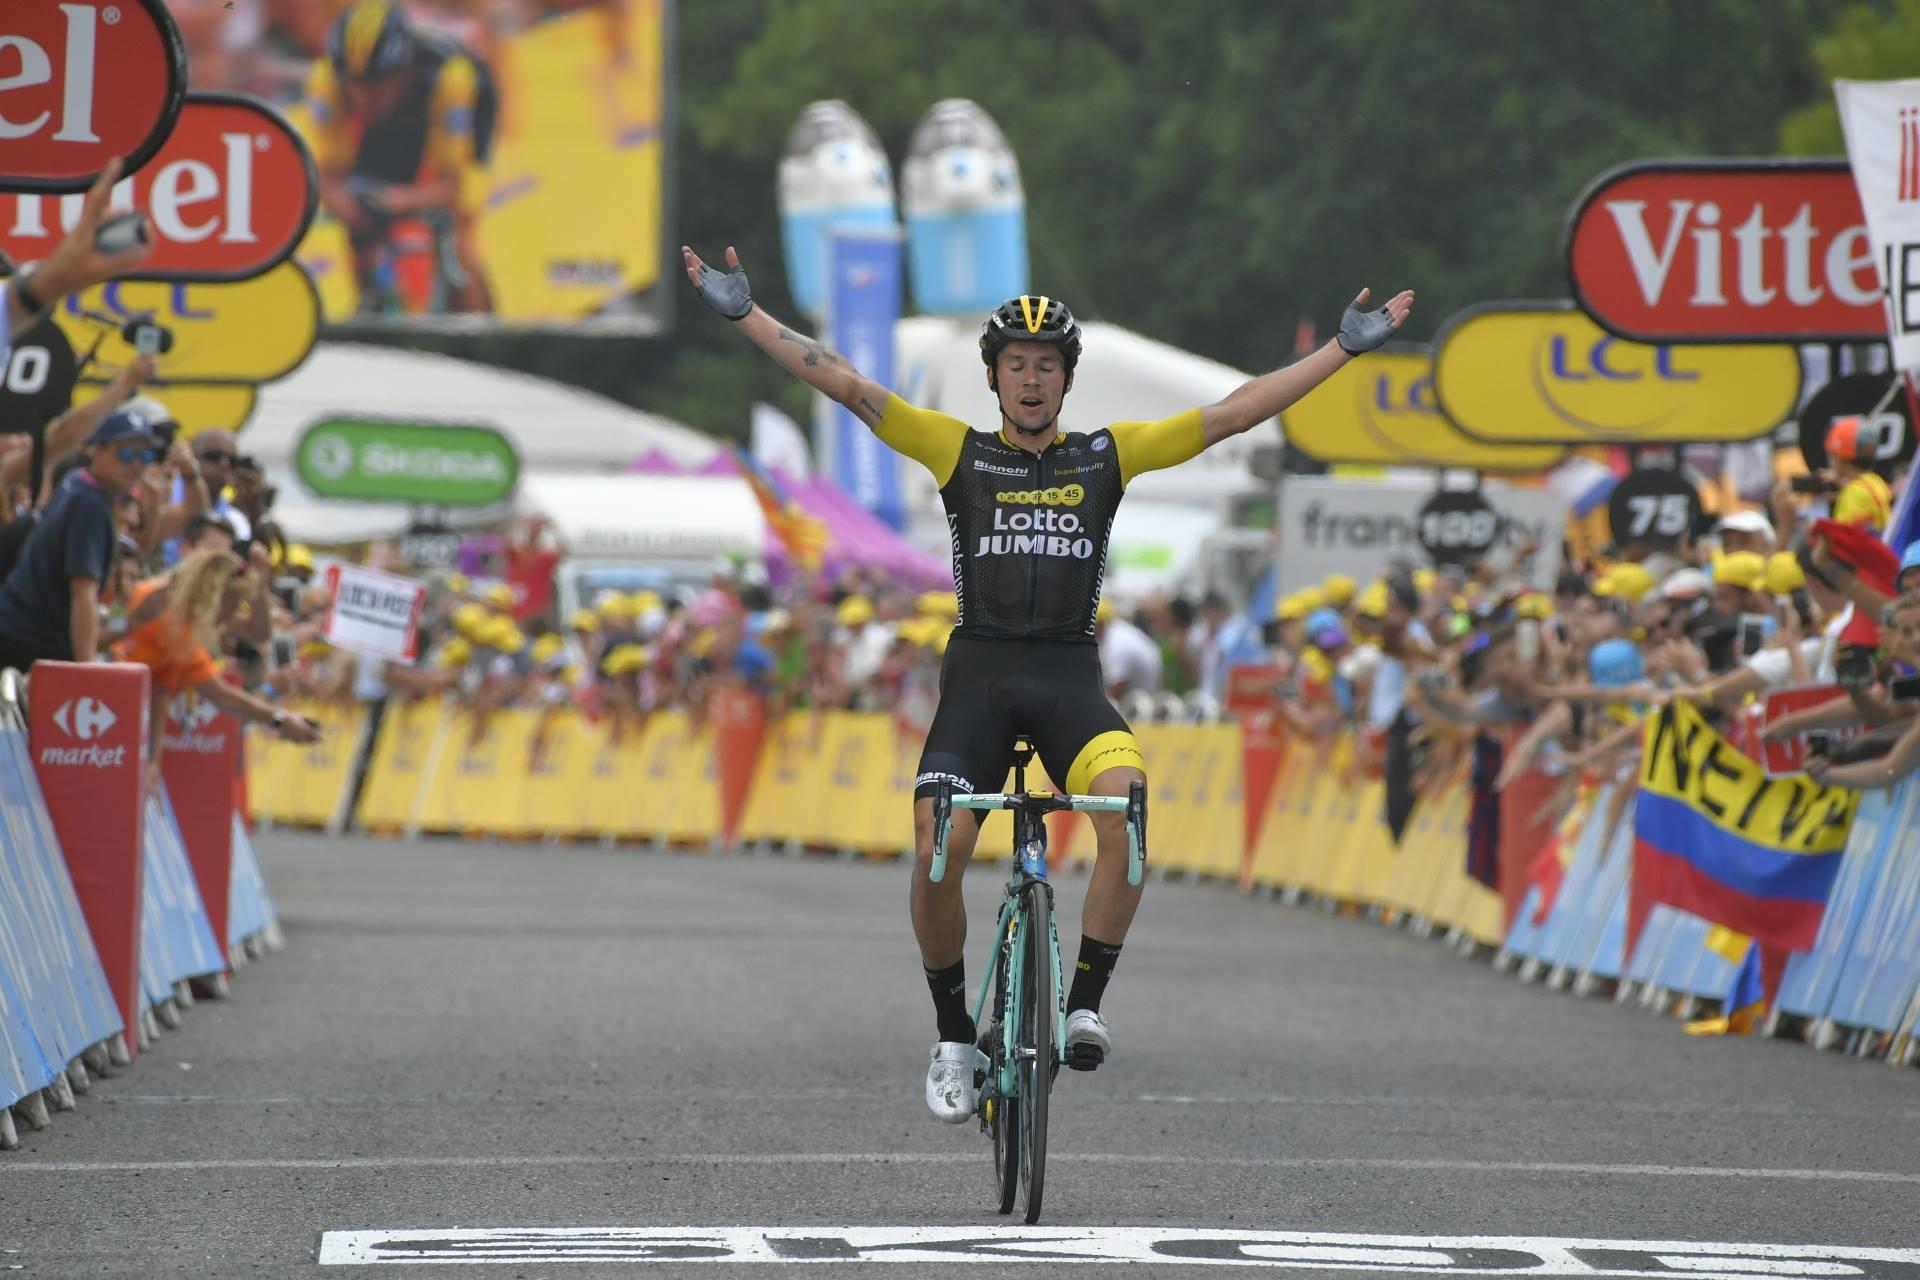 Primoz Roglic vince la 19esima tappa del Tour de France 2018